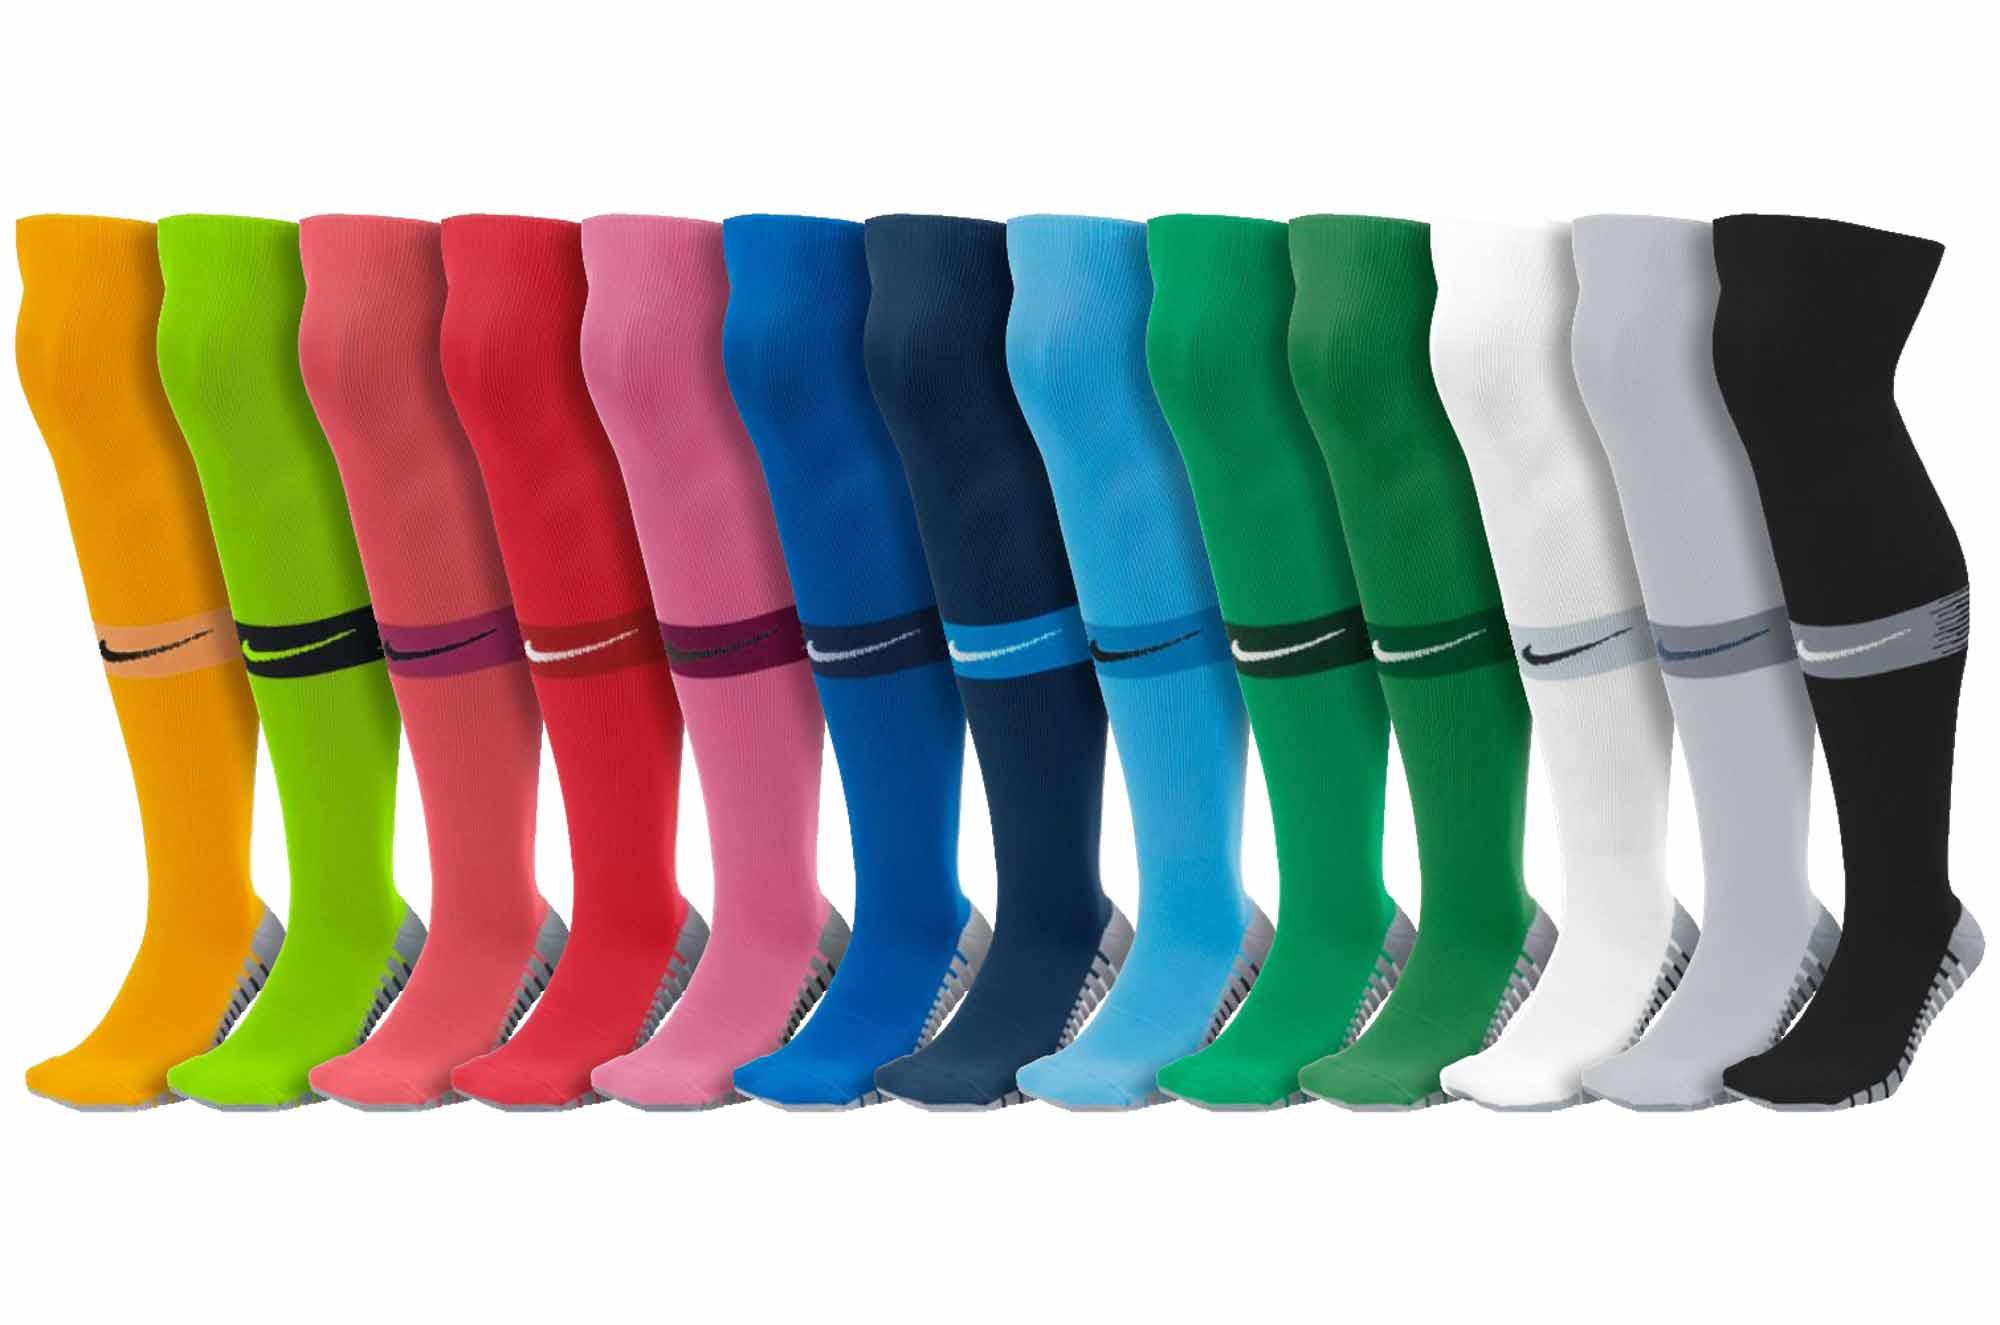 c7af01fdf Nike Team Matchfit Soccer Socks - SoccerPro